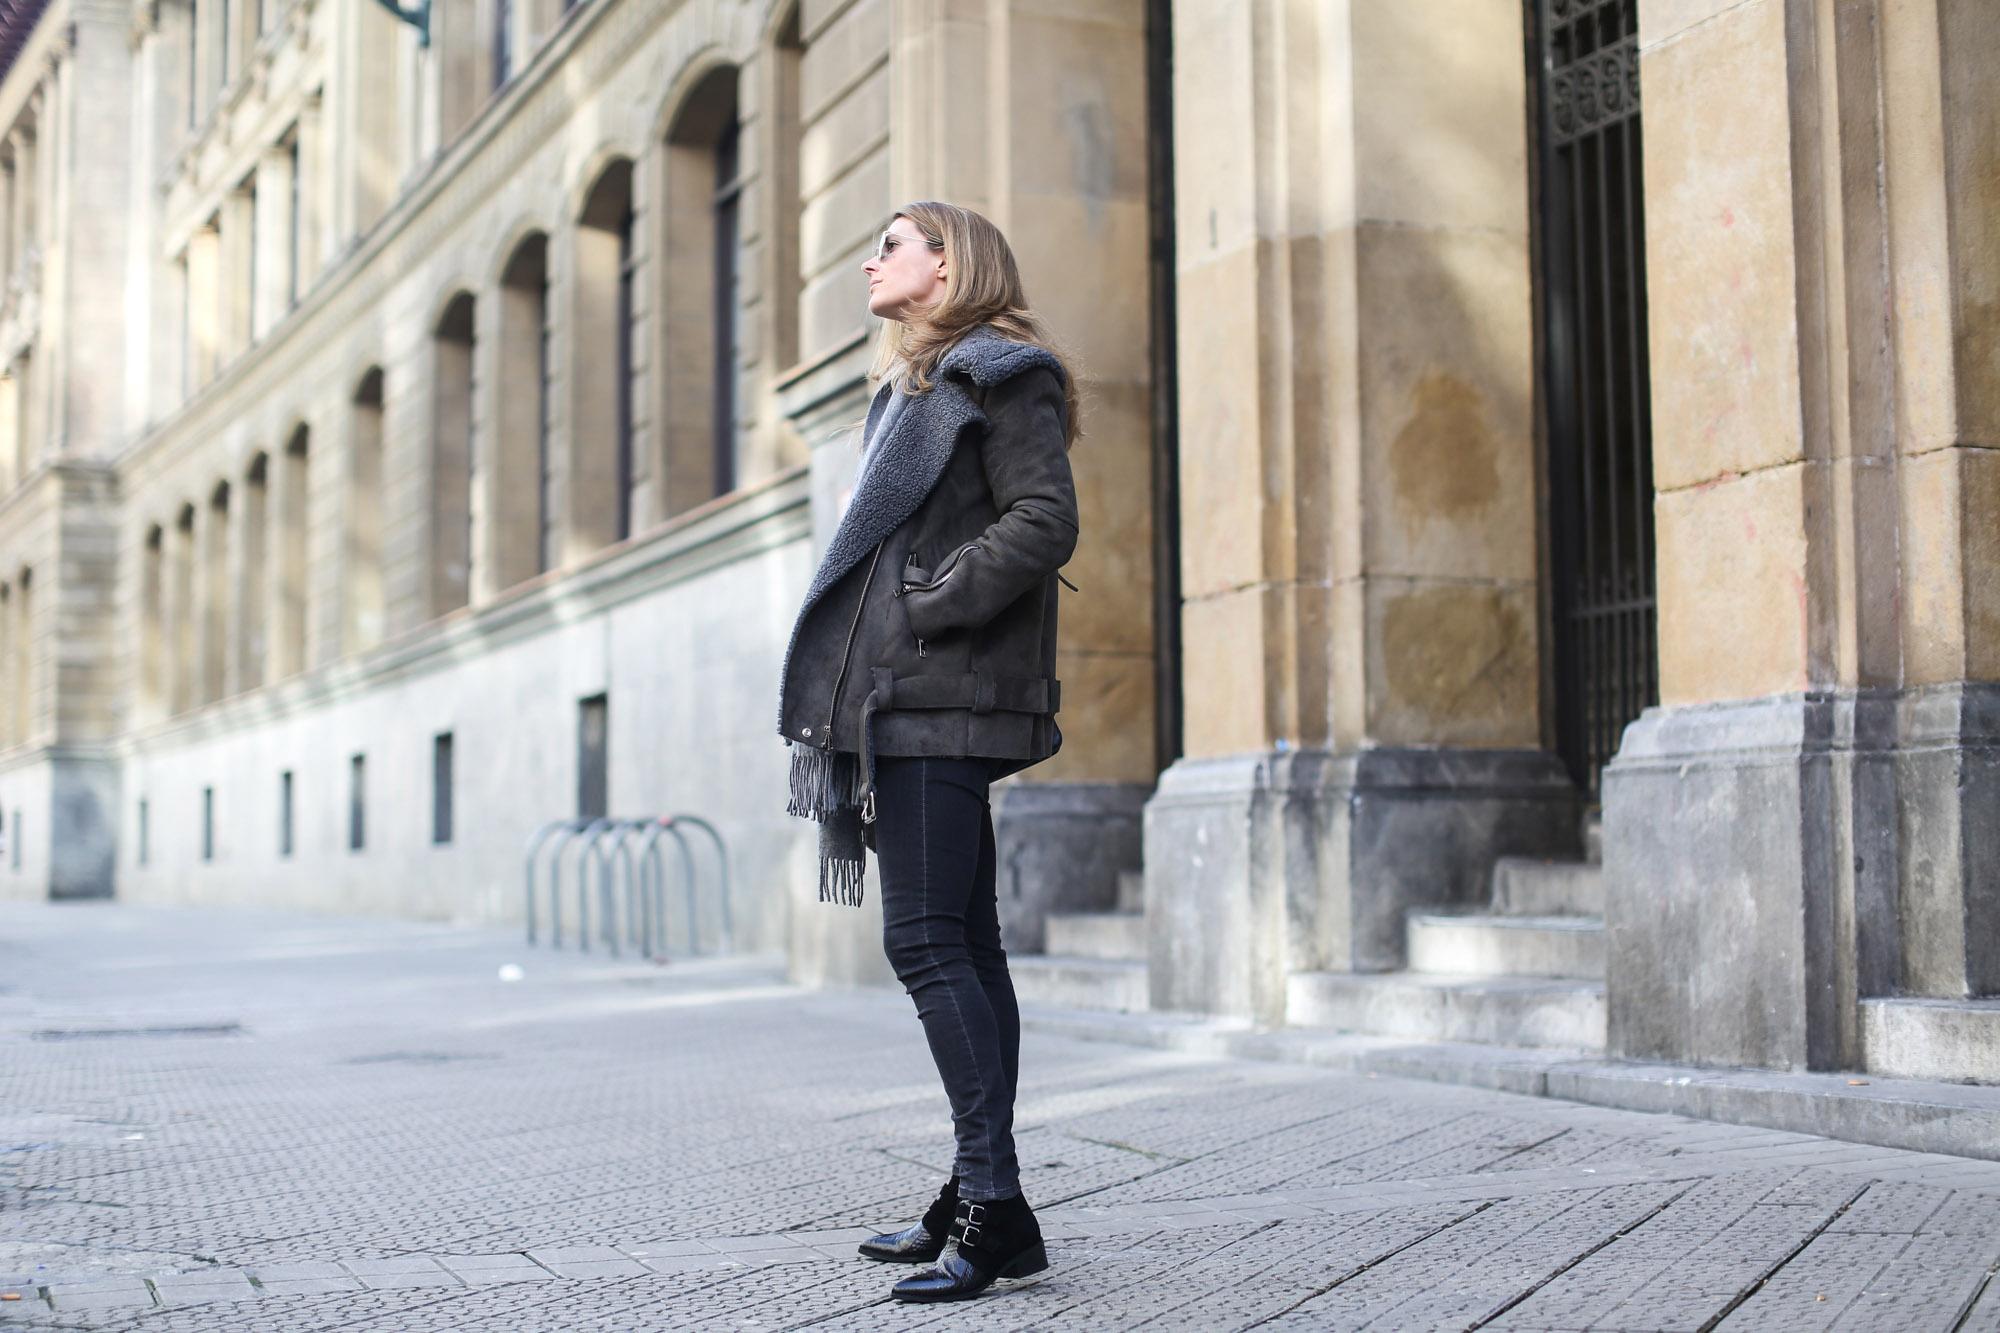 Clochet_streetstyle_olive_clothing_oversize_rider_kakhi_jacket-2